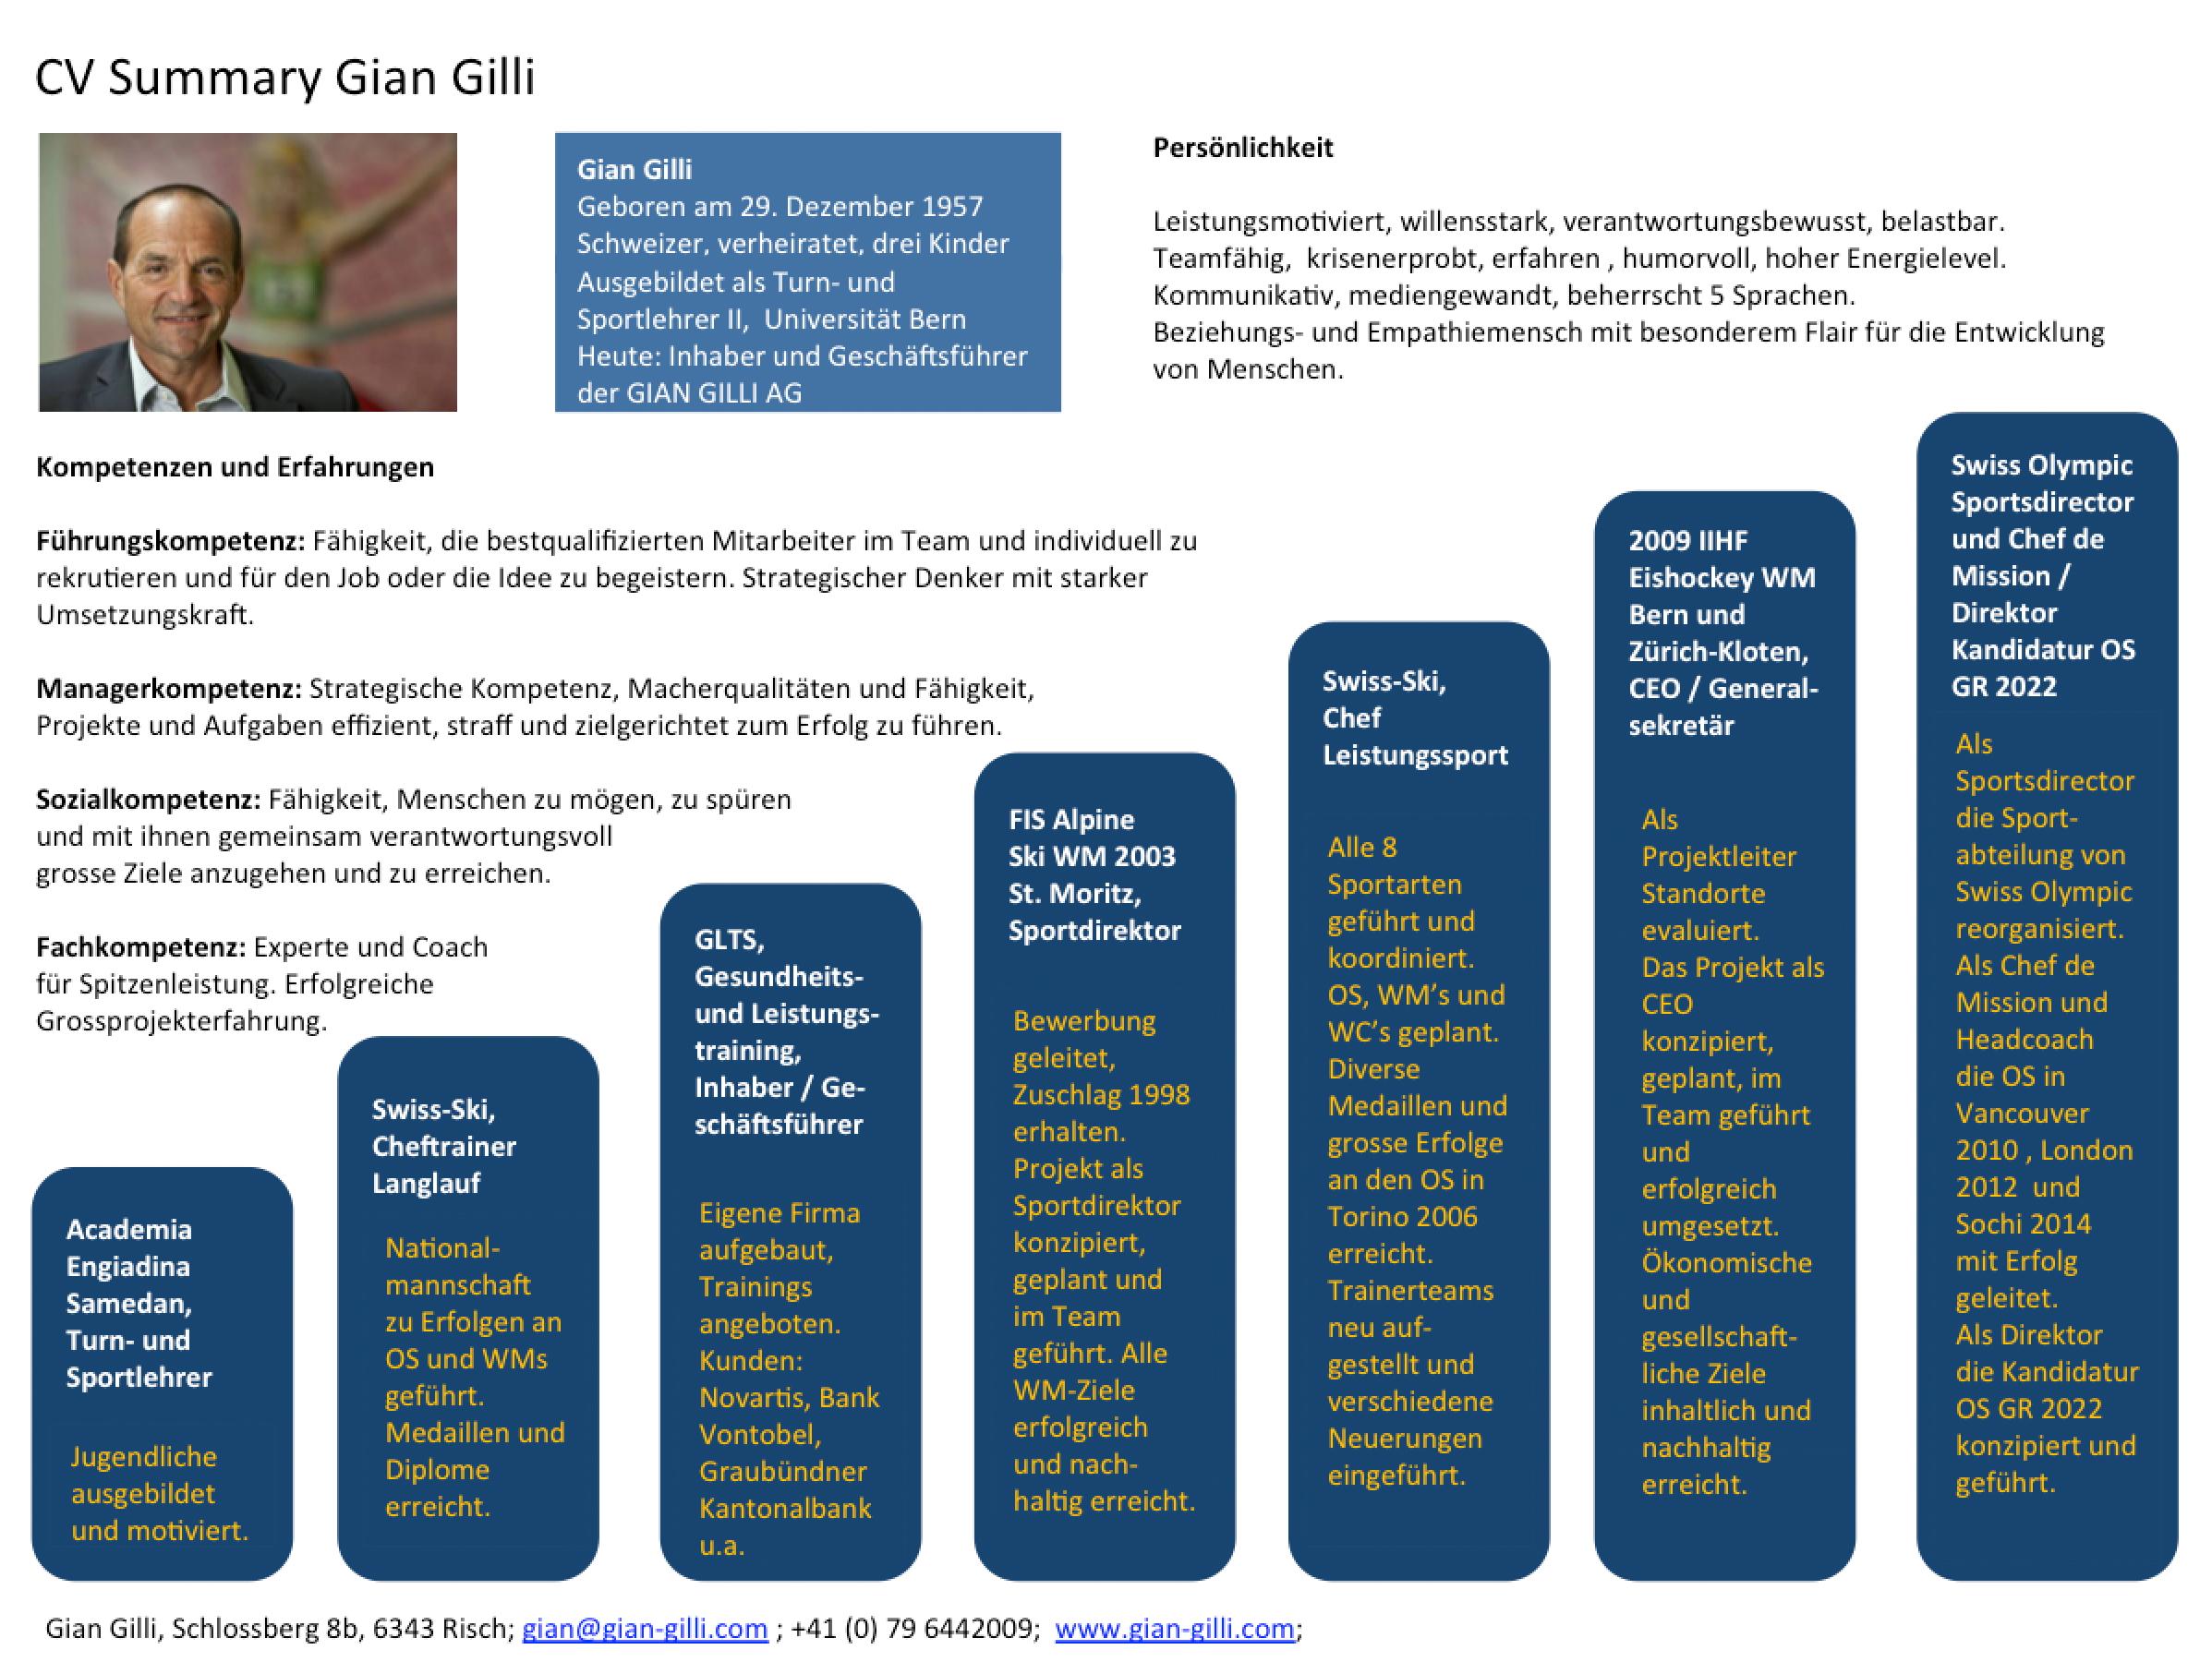 CV_Gian_Gilli.png